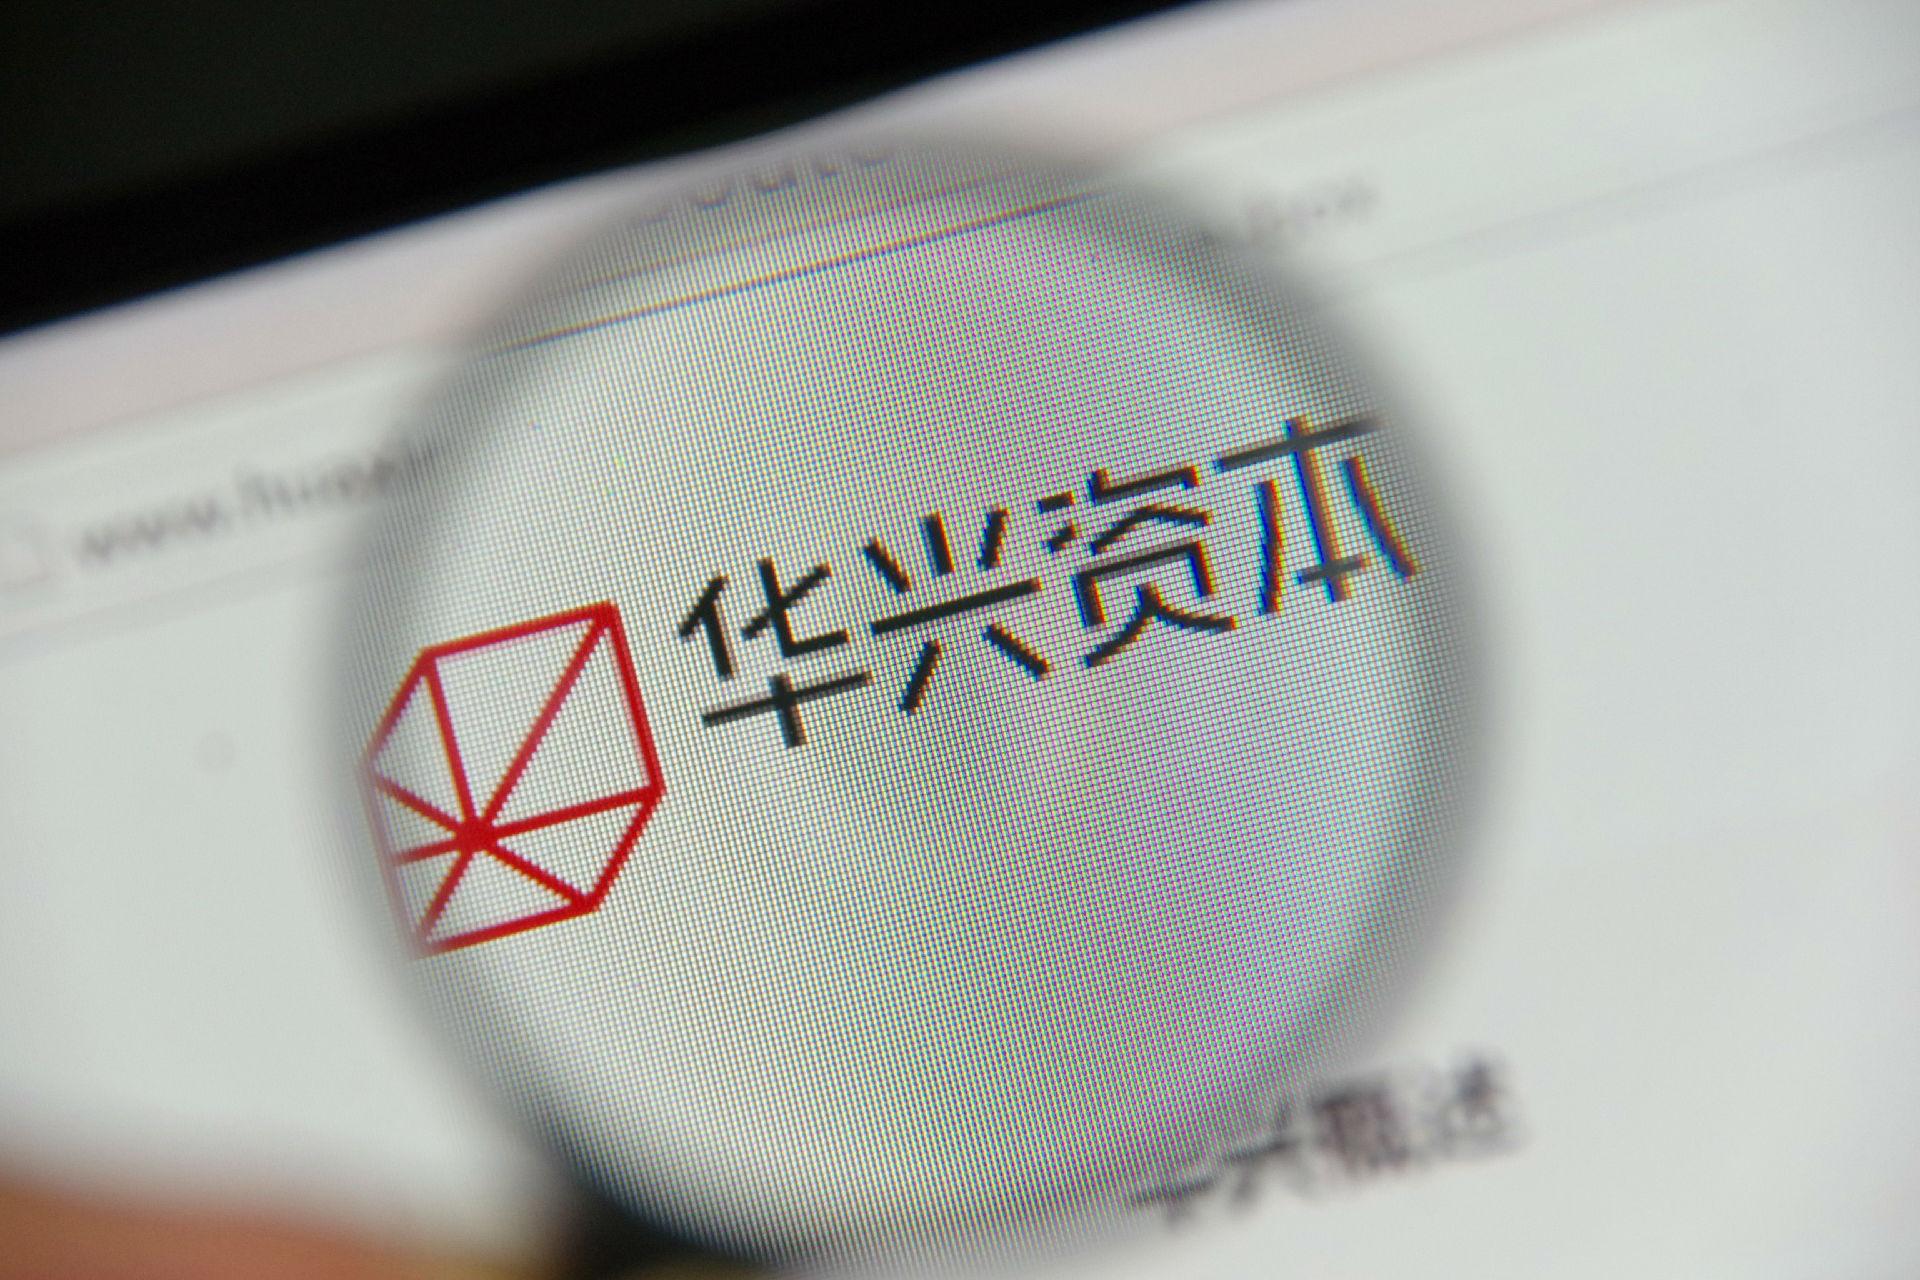 华兴资本旗下新经济基金完成65亿元募资